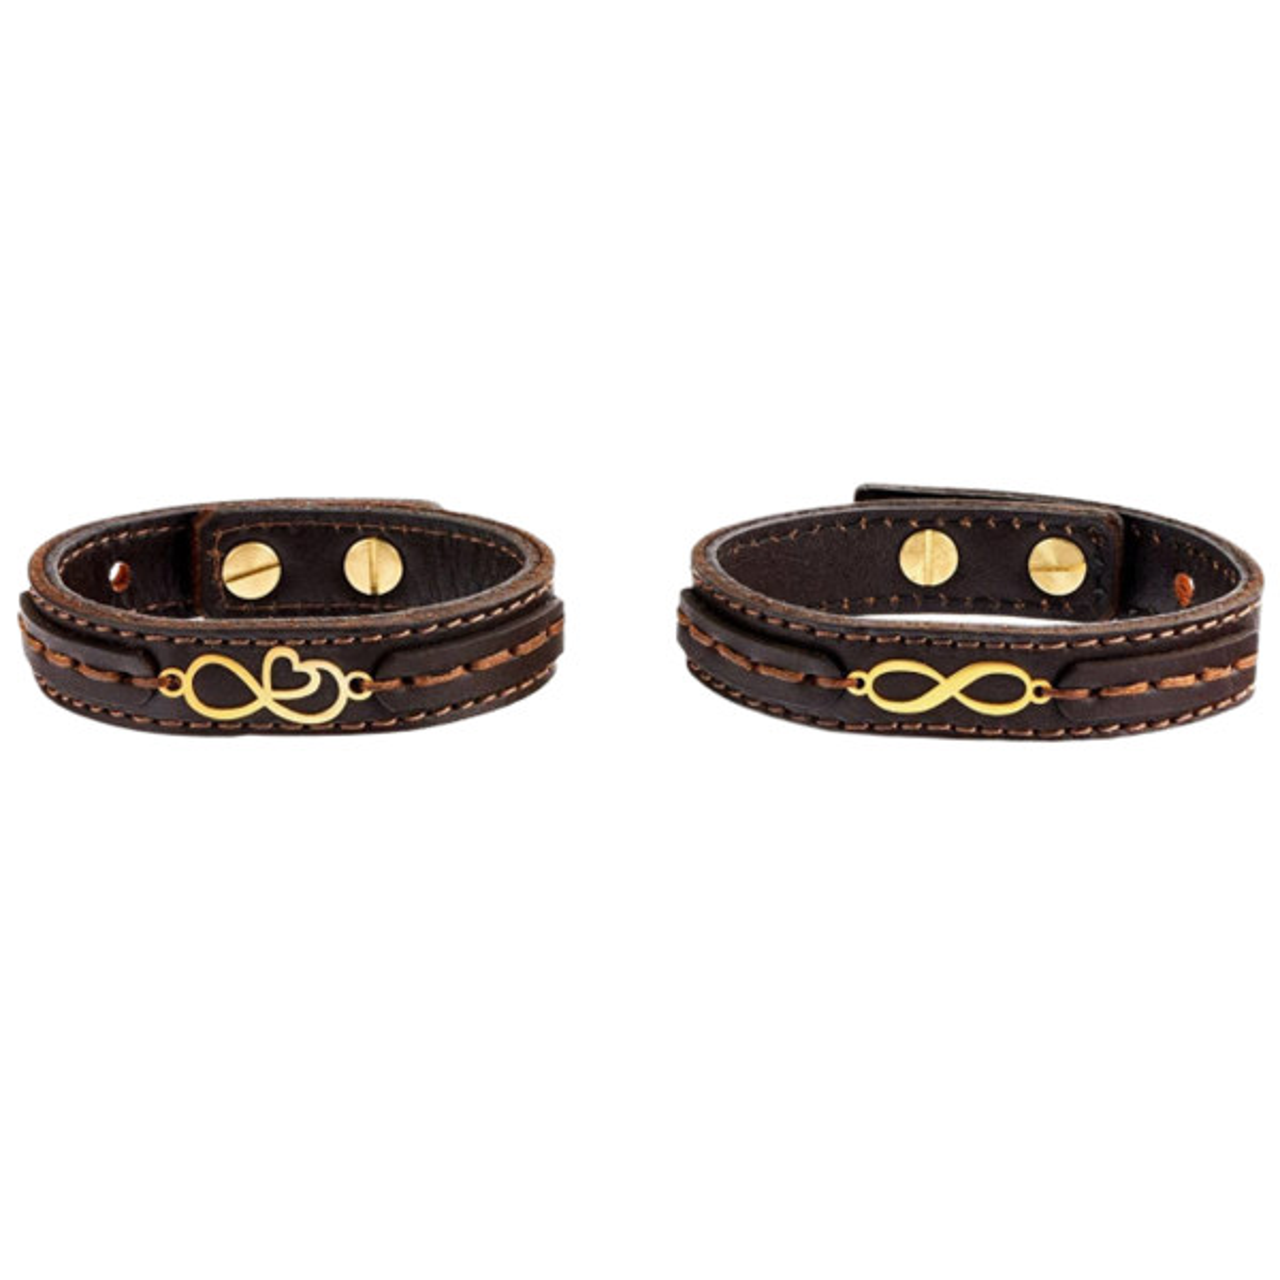 دستبند طرح قلب و بینهایت کد Zh-S1 مجموعه 2 عددی